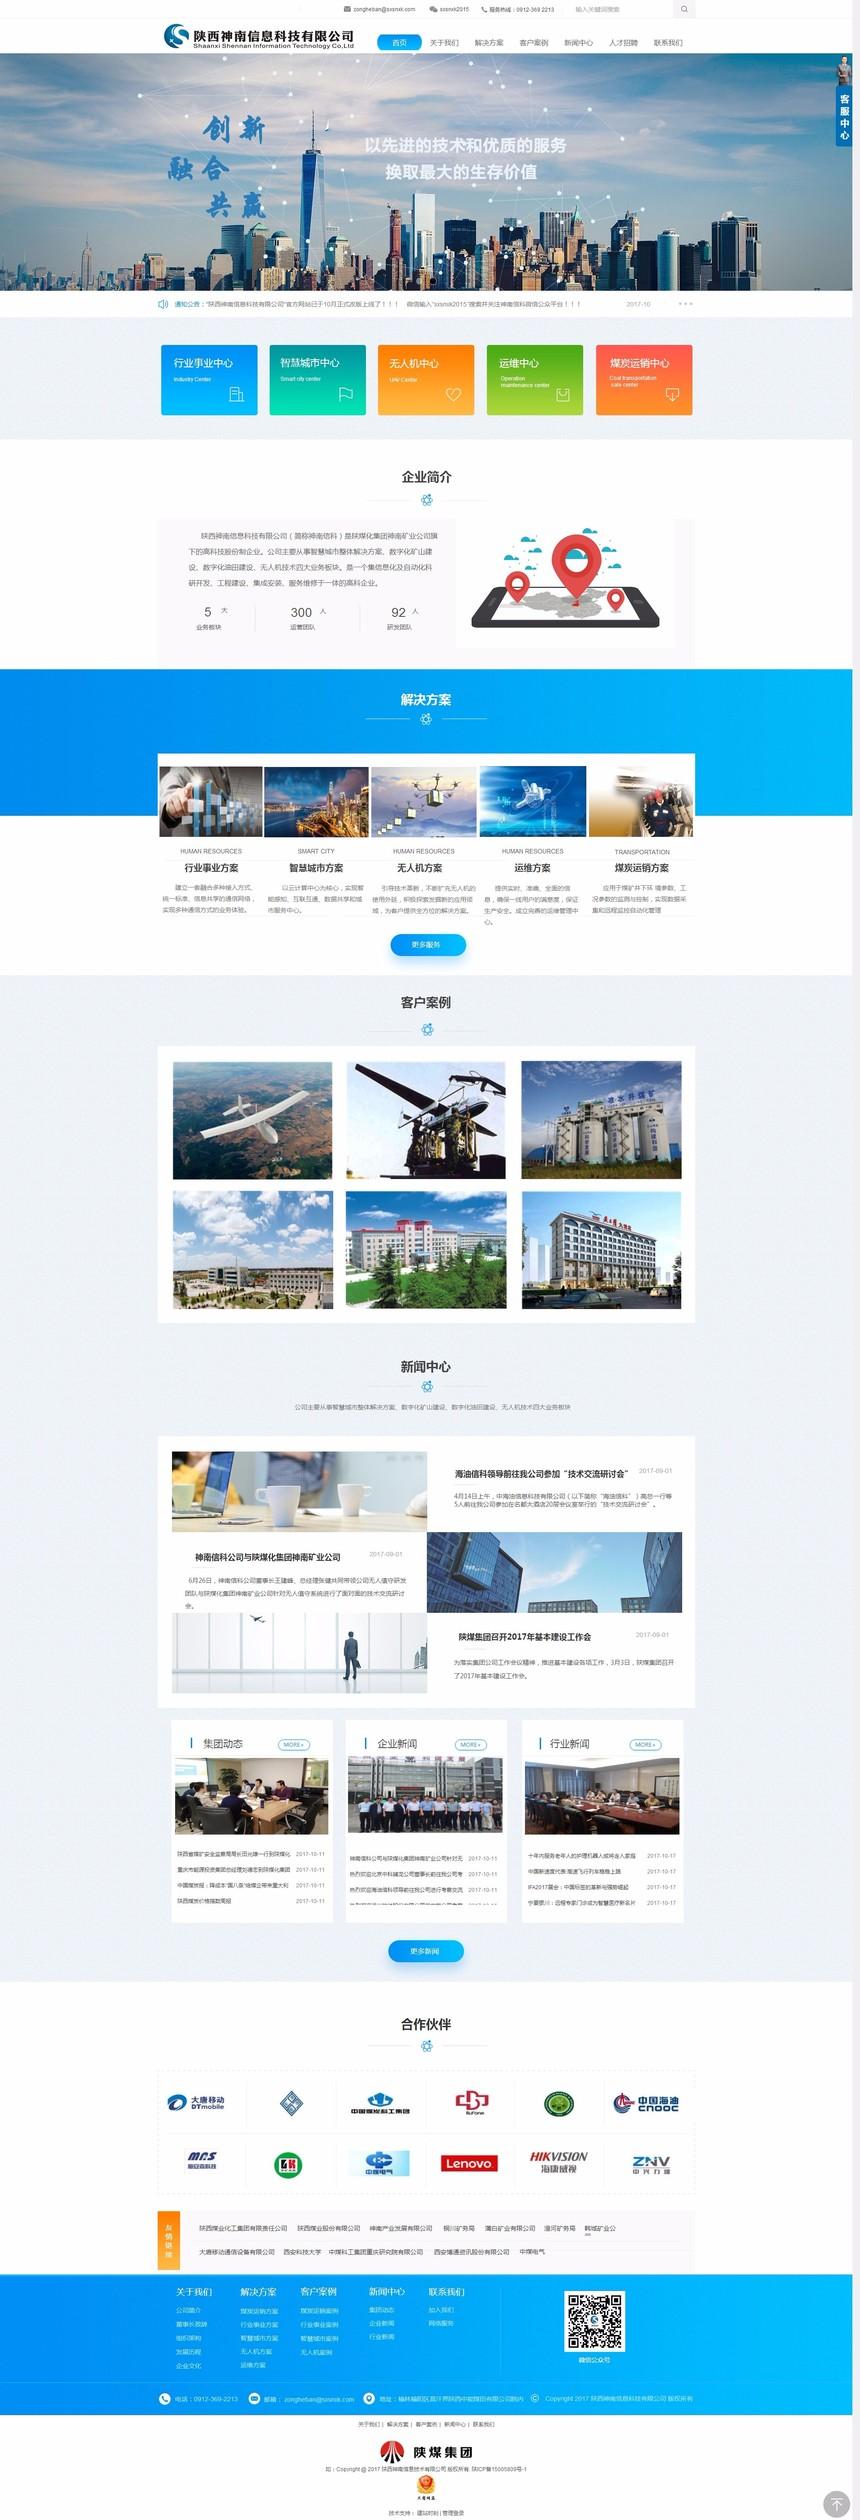 陕西神南信息技术有限公司_榆林微信小程序